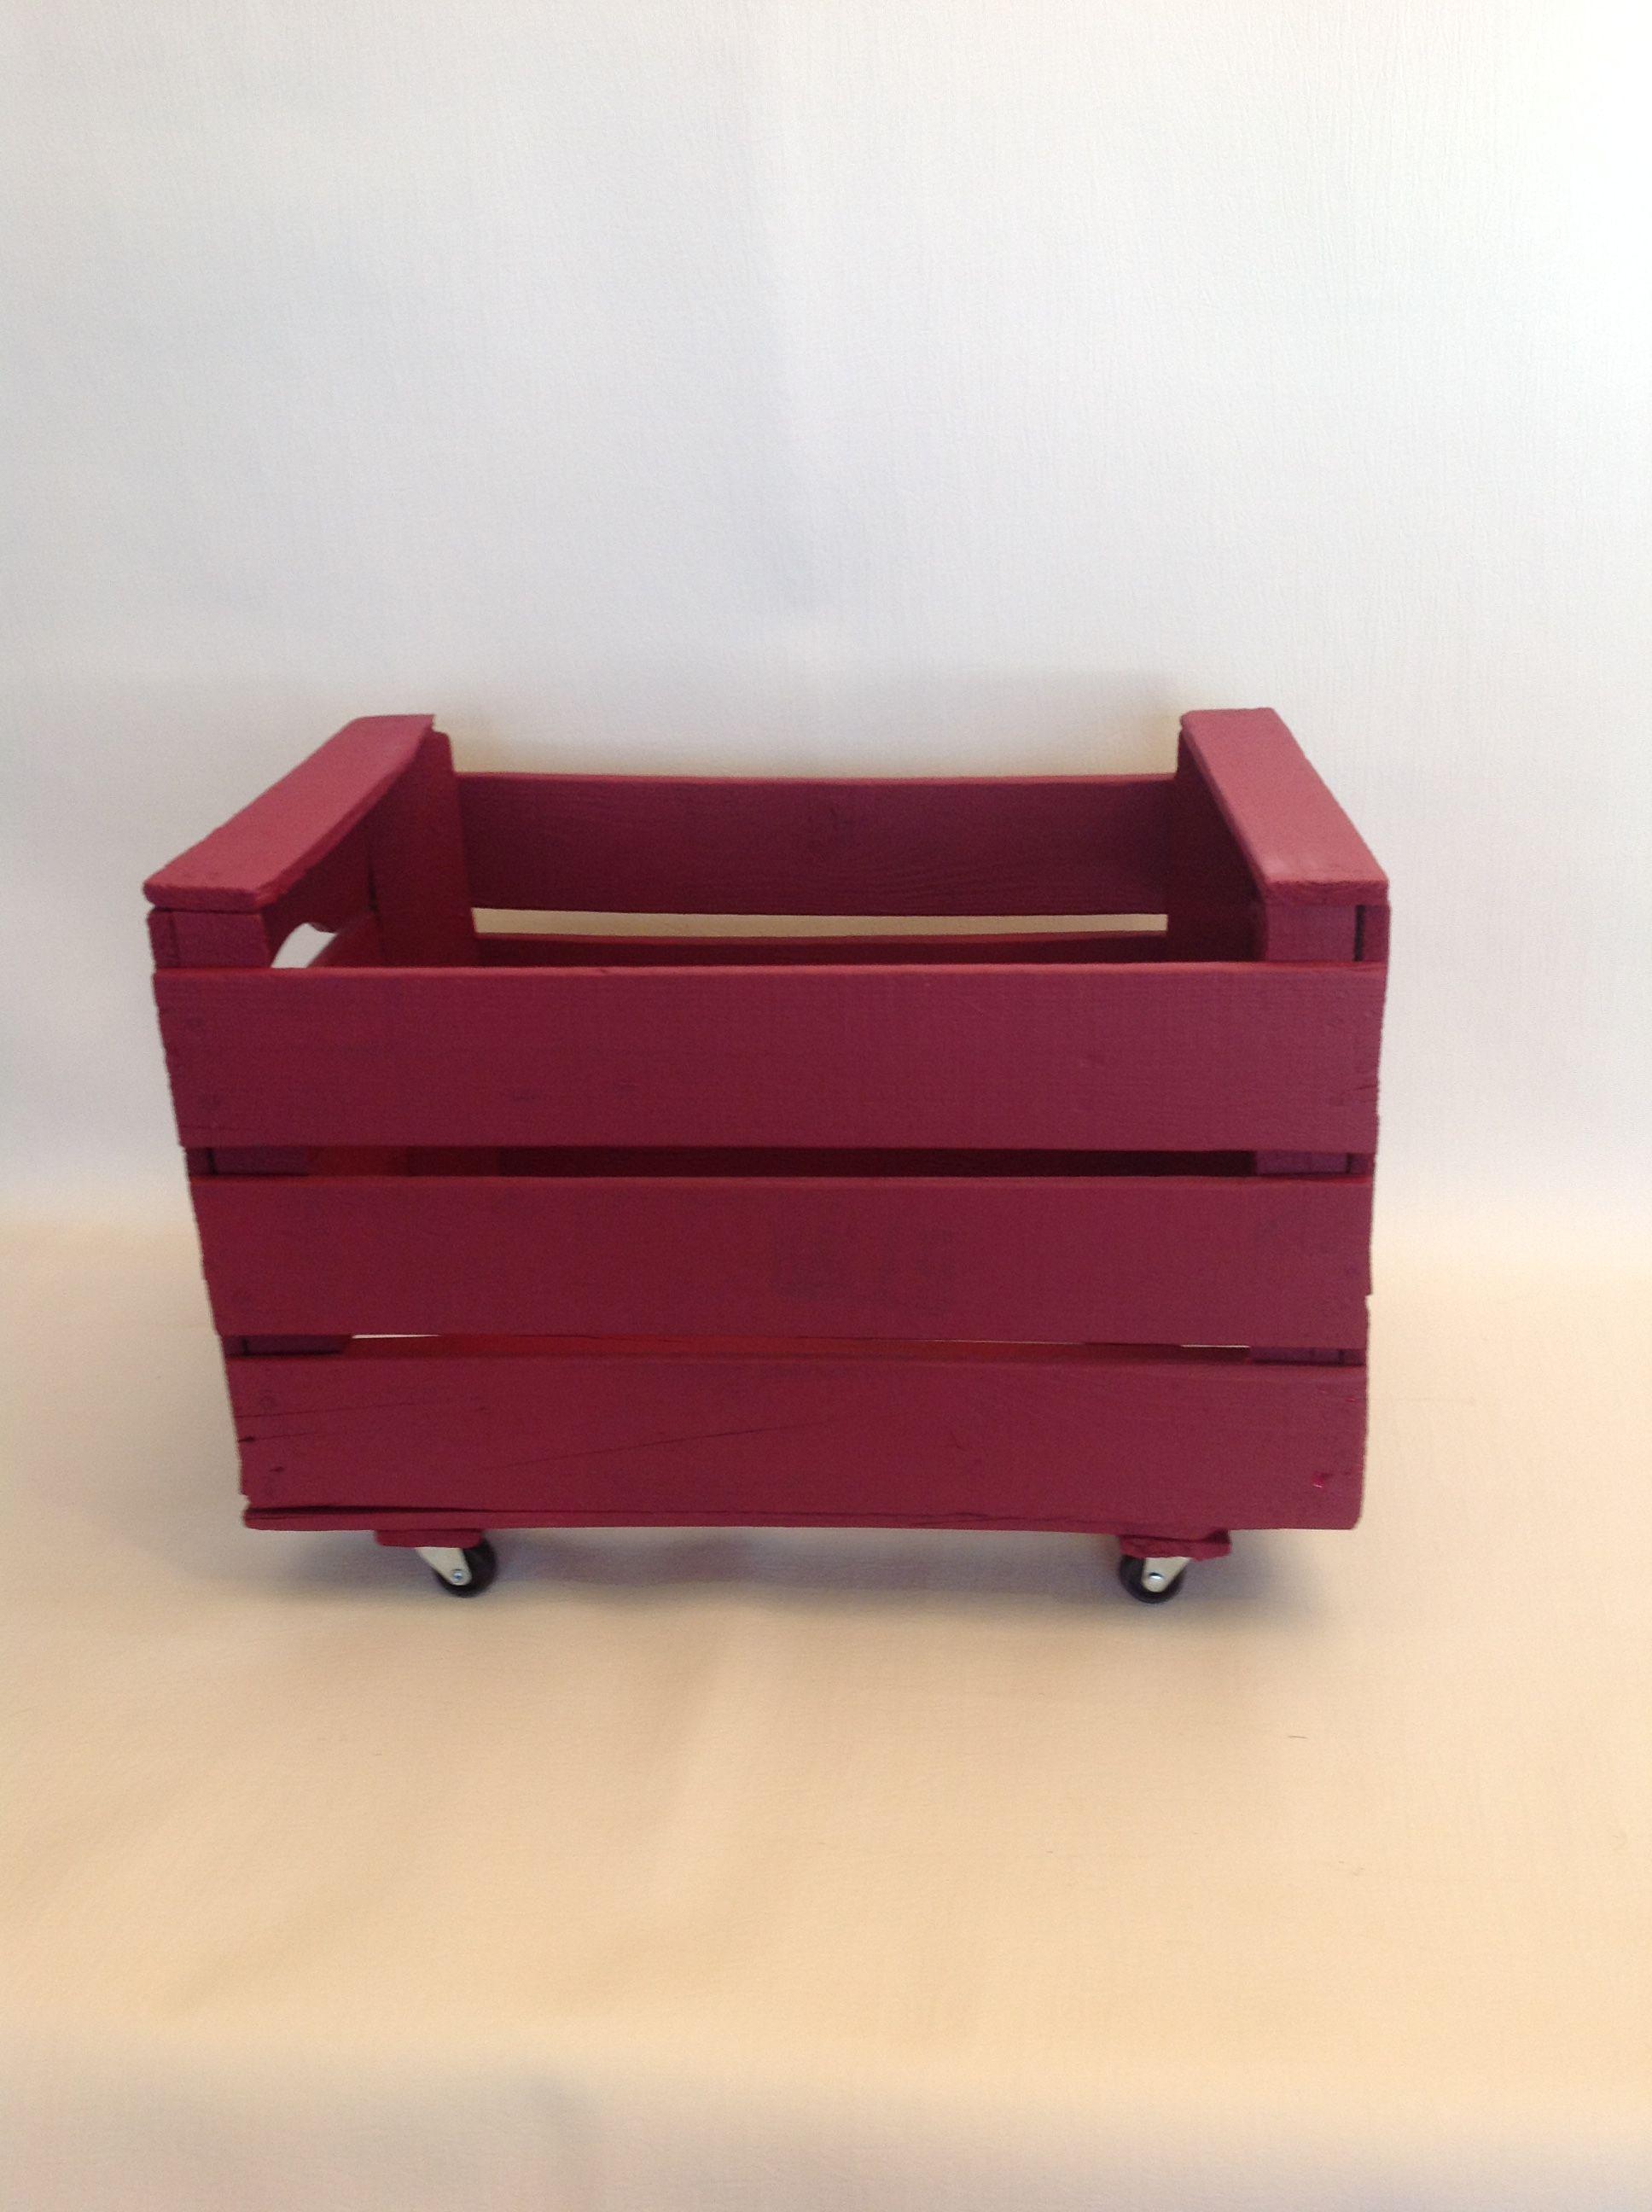 caja madera de fruta decorada se aceptan encargos para estanterias columnas librerias - Cajas De Madera De Fruta